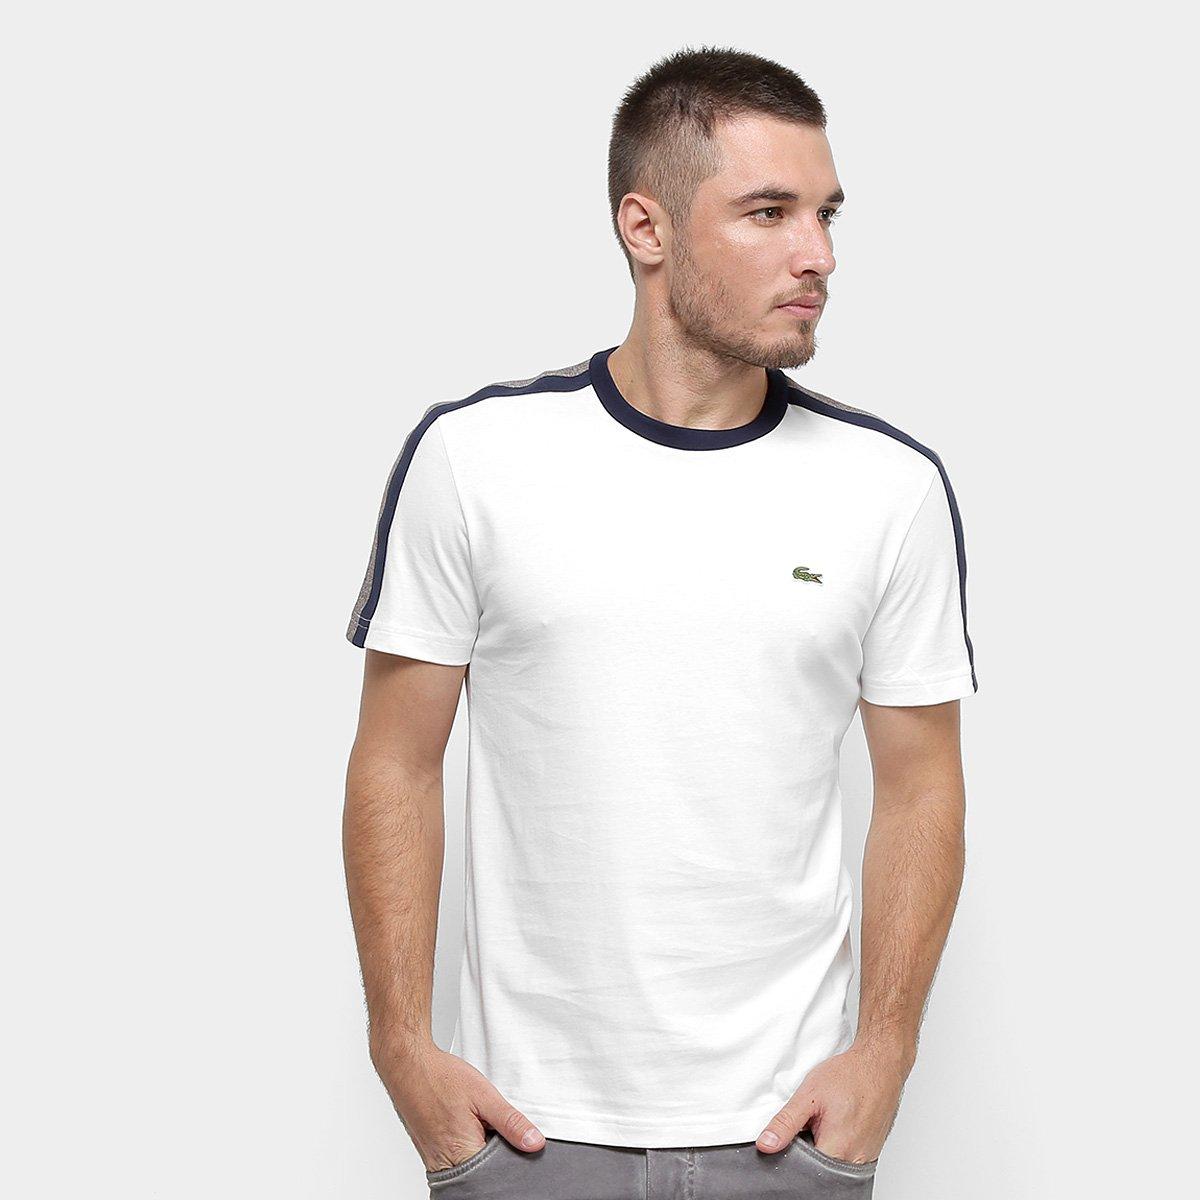 Homens Meninos Listra Camiseta top de algodão